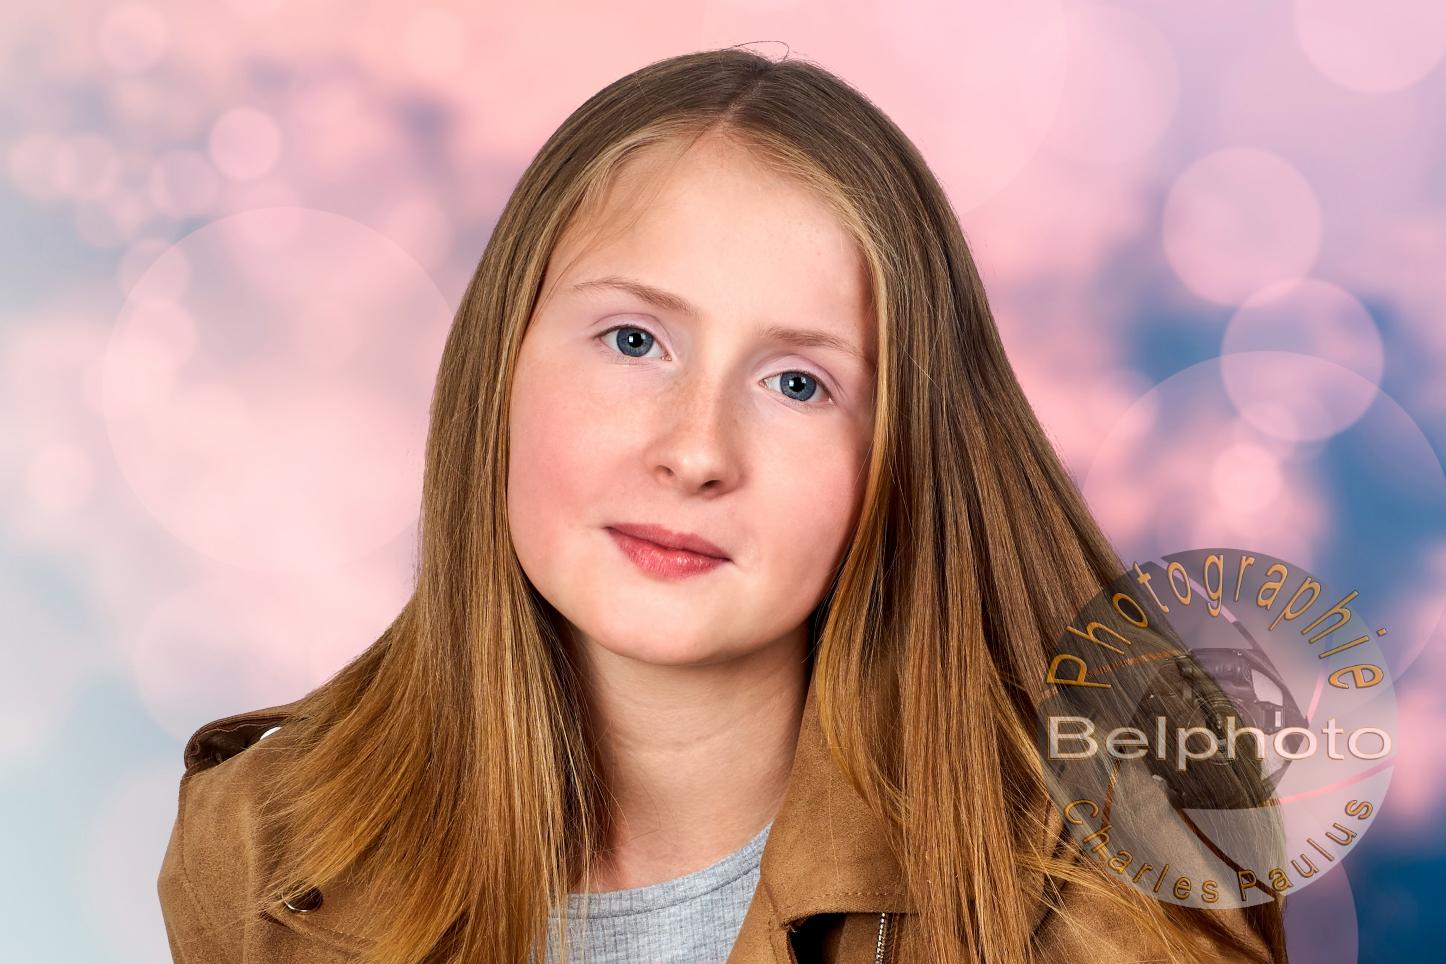 Delphine0046